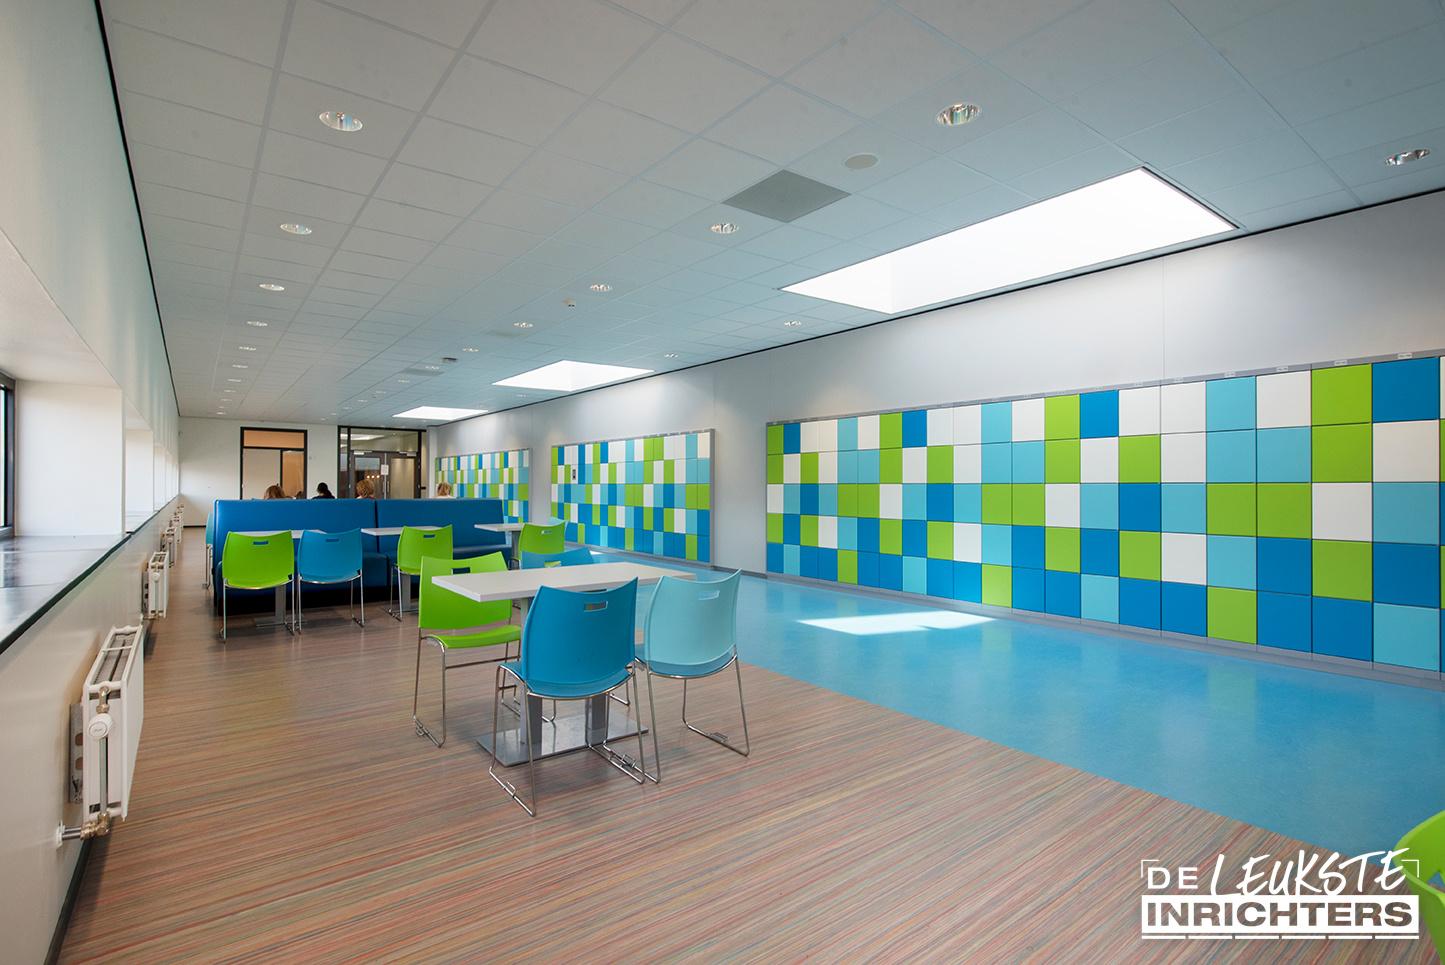 Alfrink aula hal gang ontwerp inrichting 1